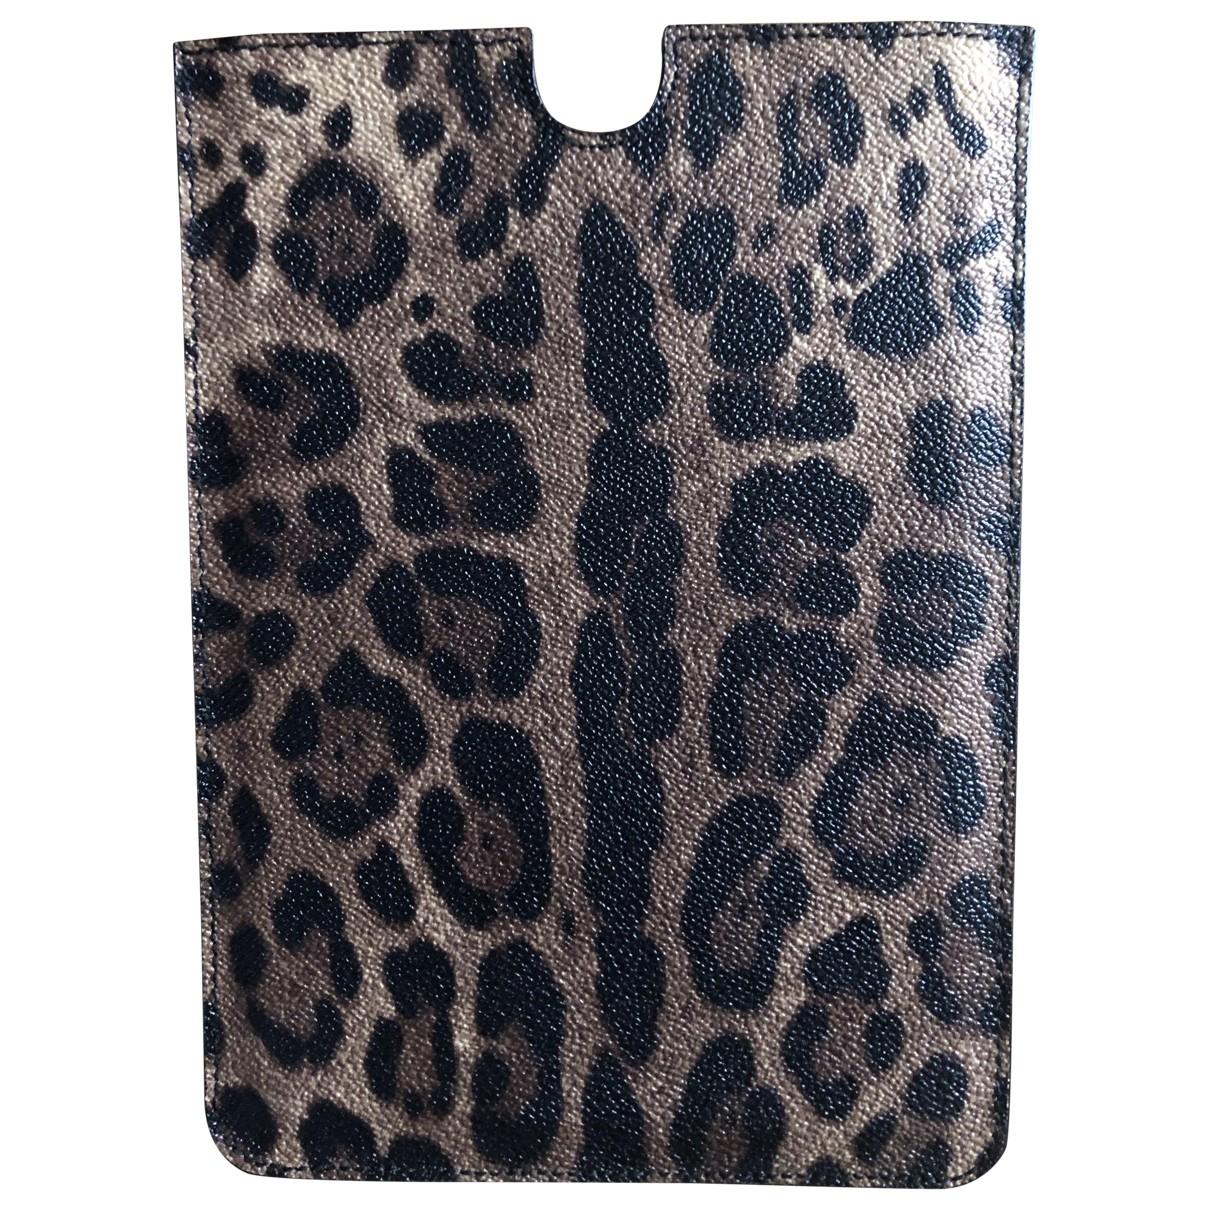 Dolce & Gabbana - Accessoires   pour lifestyle en toile - marron